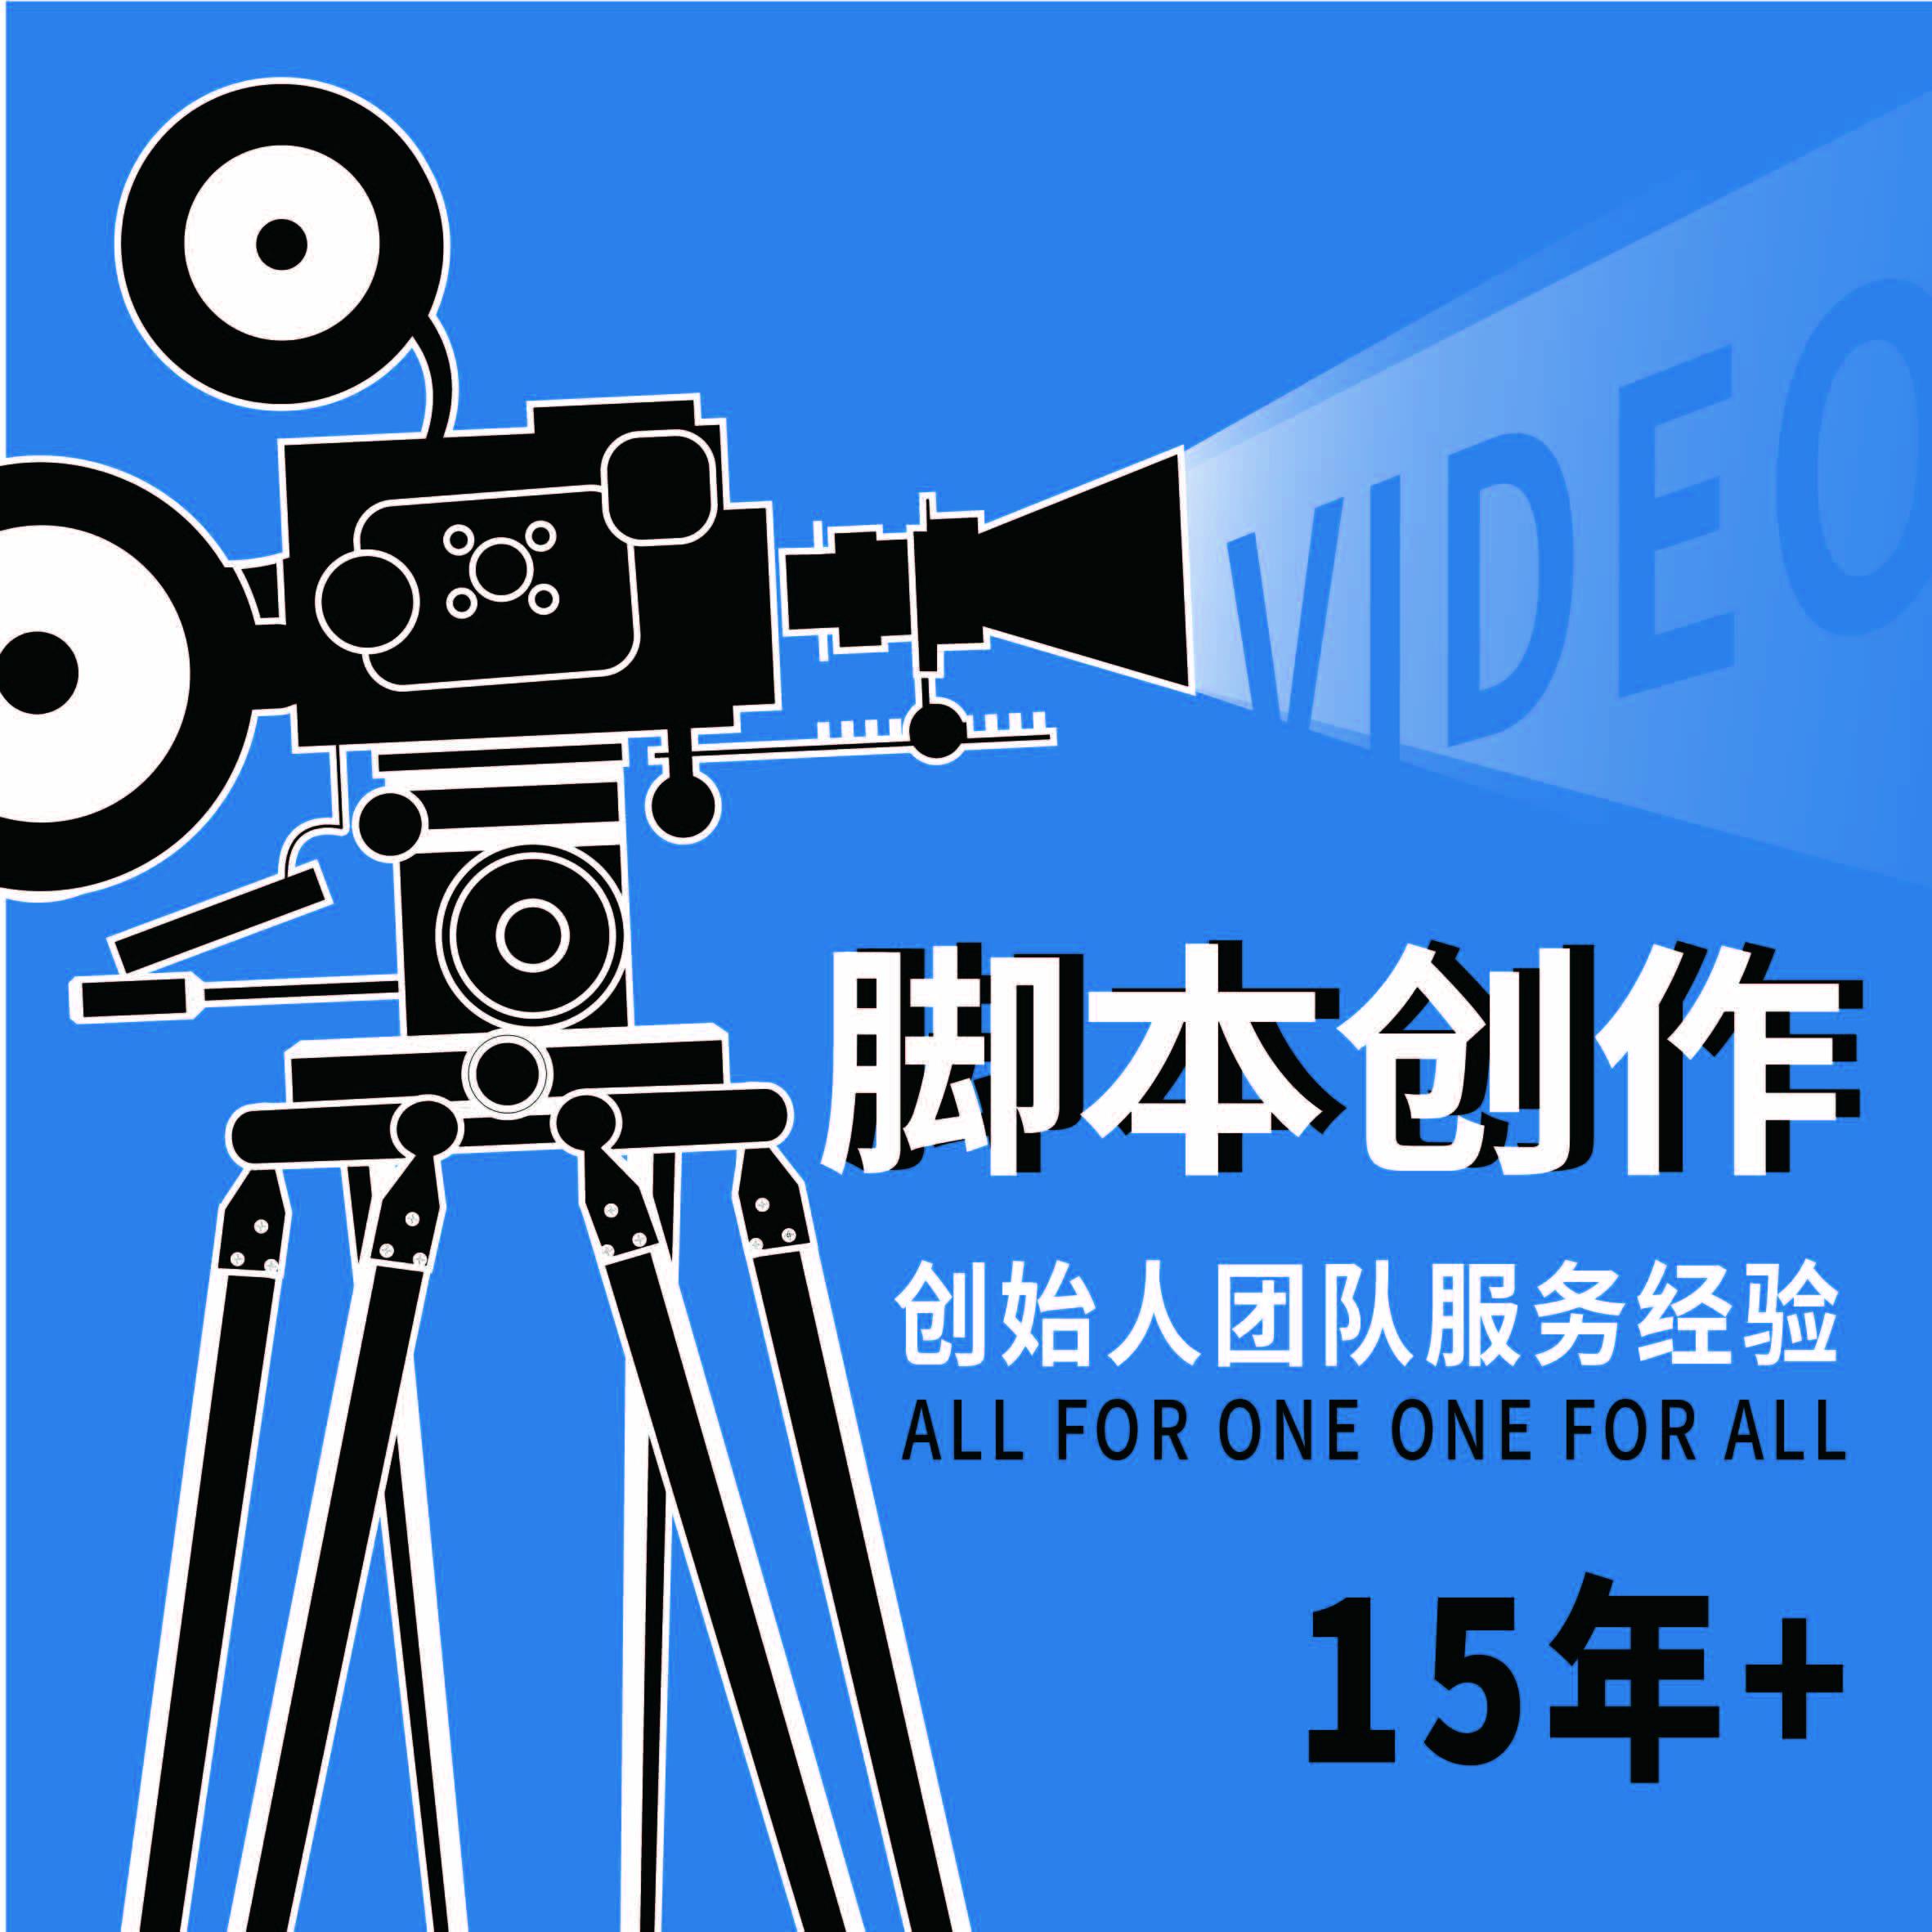 【脚本创作】策划影视脚本宣传片广告纪录片分镜头策划微电影剧本